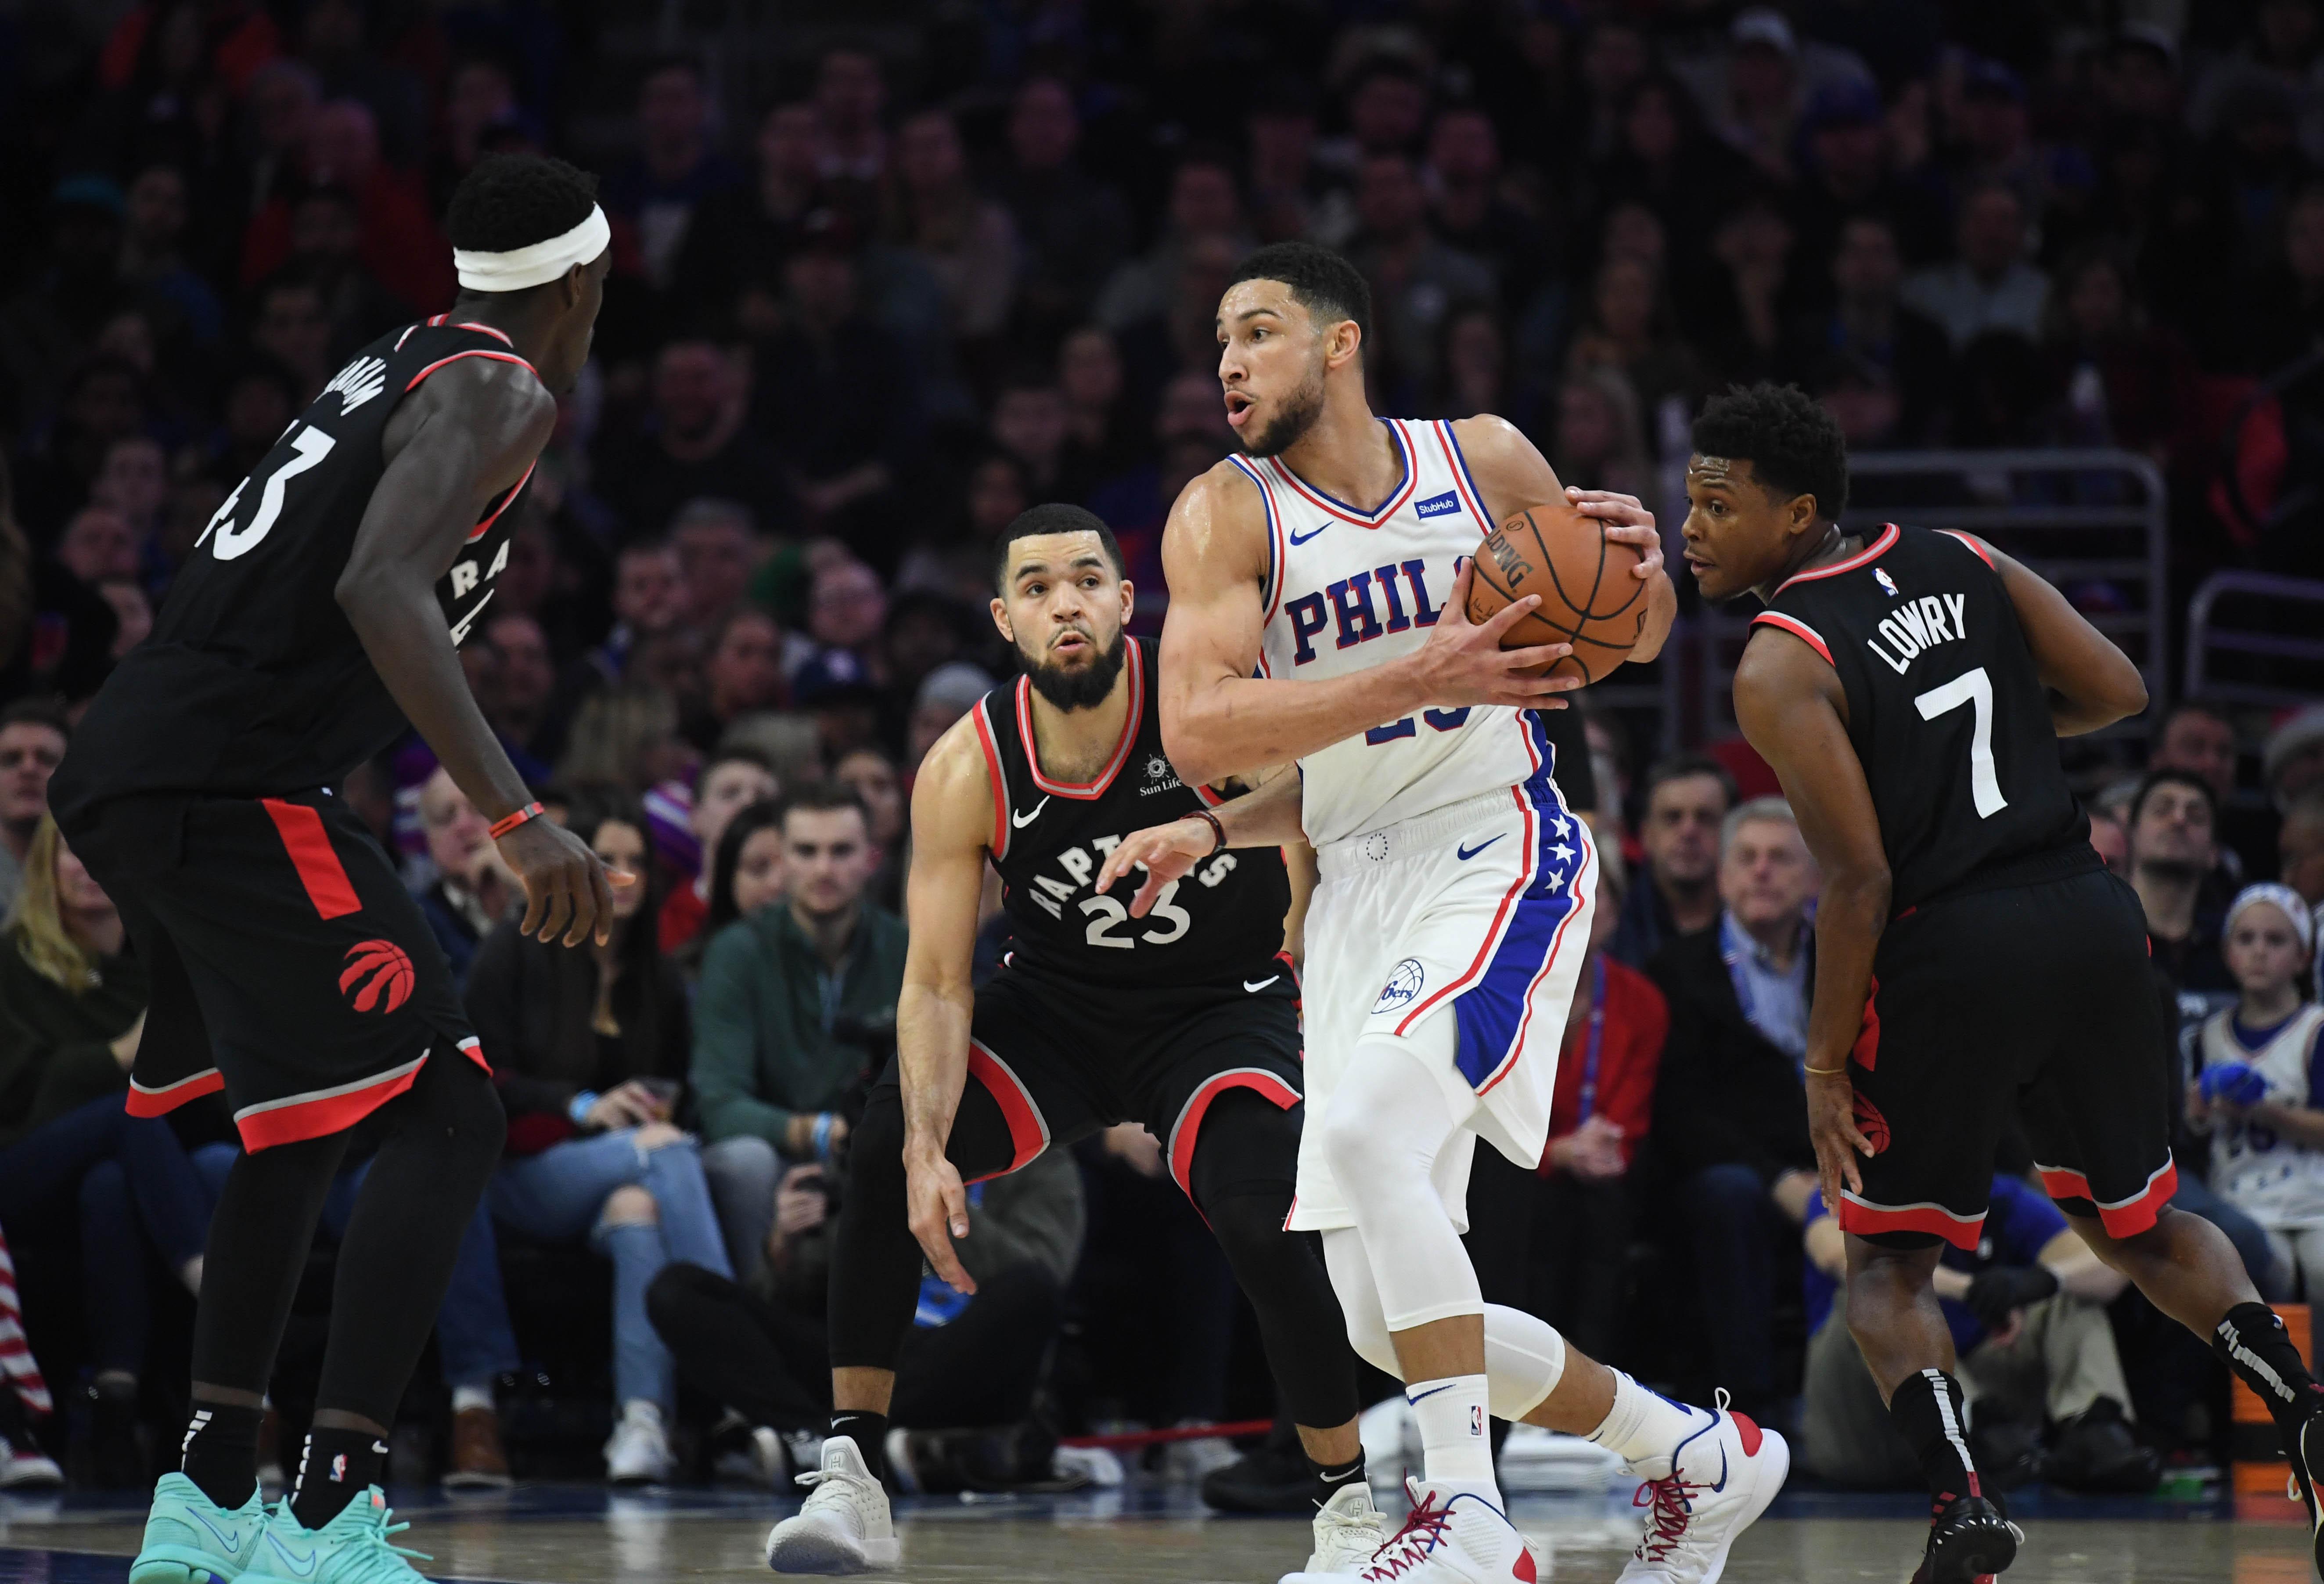 Five Thoughts recap: Philadelphia 76ers 126, Toronto Raptors 101, Ben Simmons, Fred VanVleet